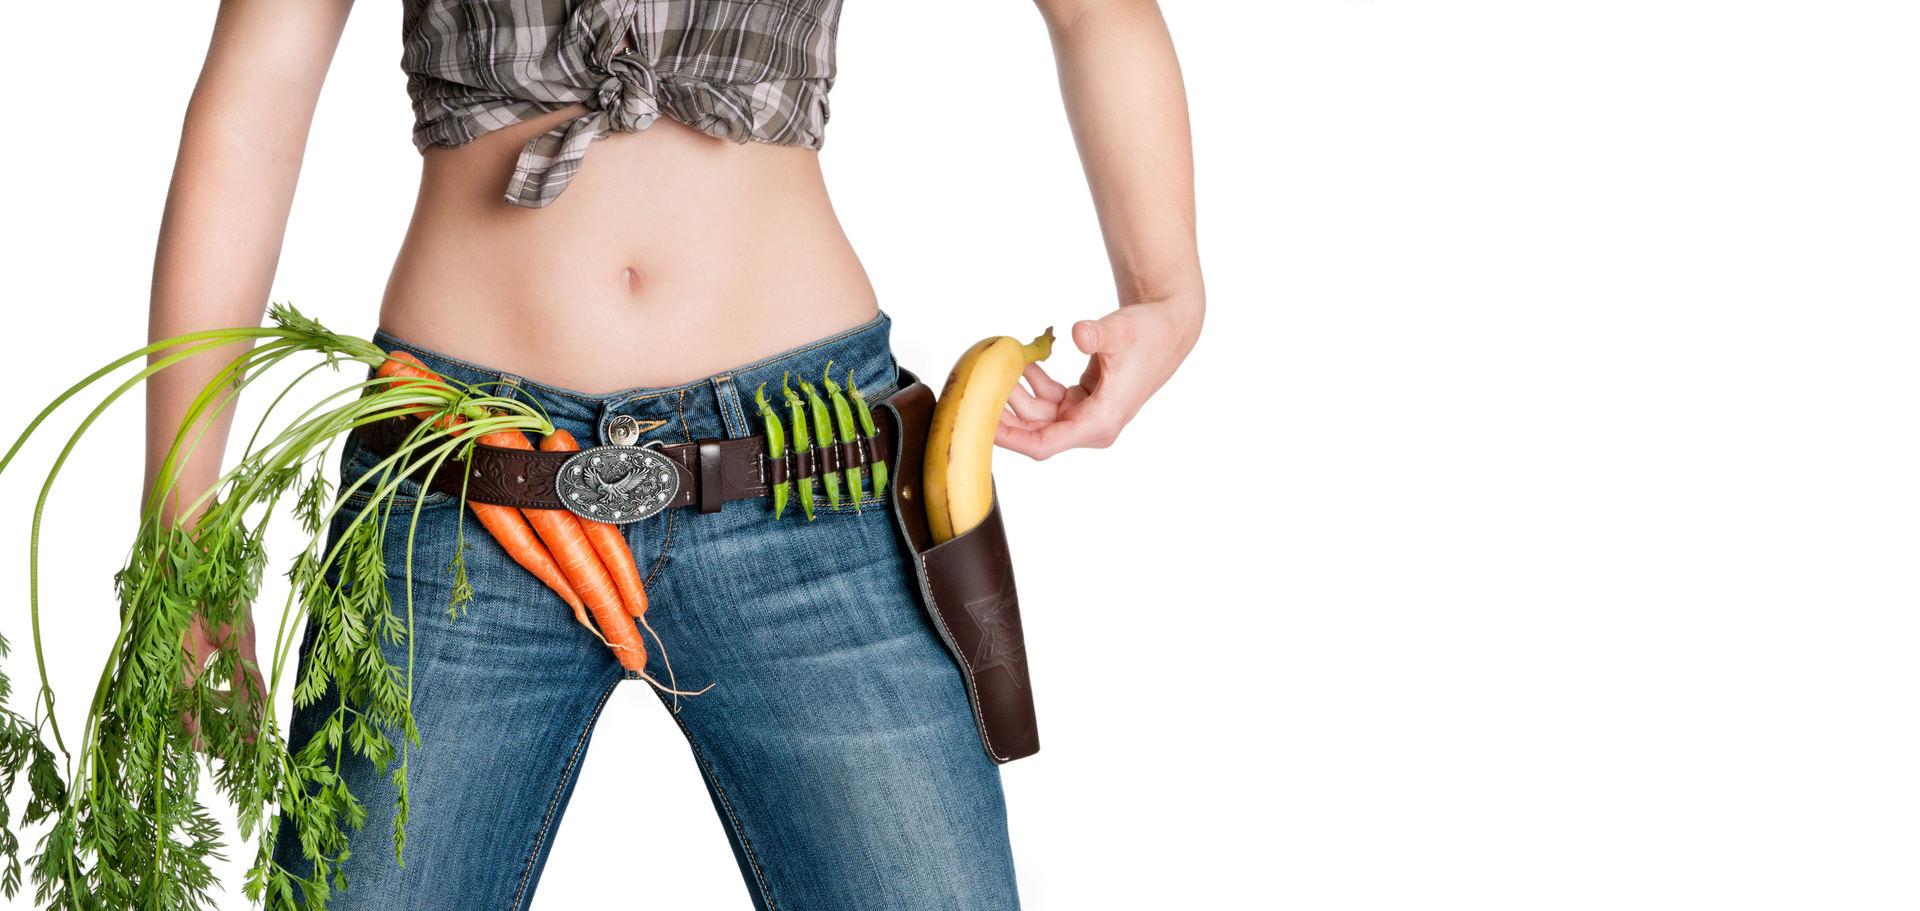 būdai išlikti sveikiems ir numesti svorio eilėraštis dėl svorio metimo sėkmės